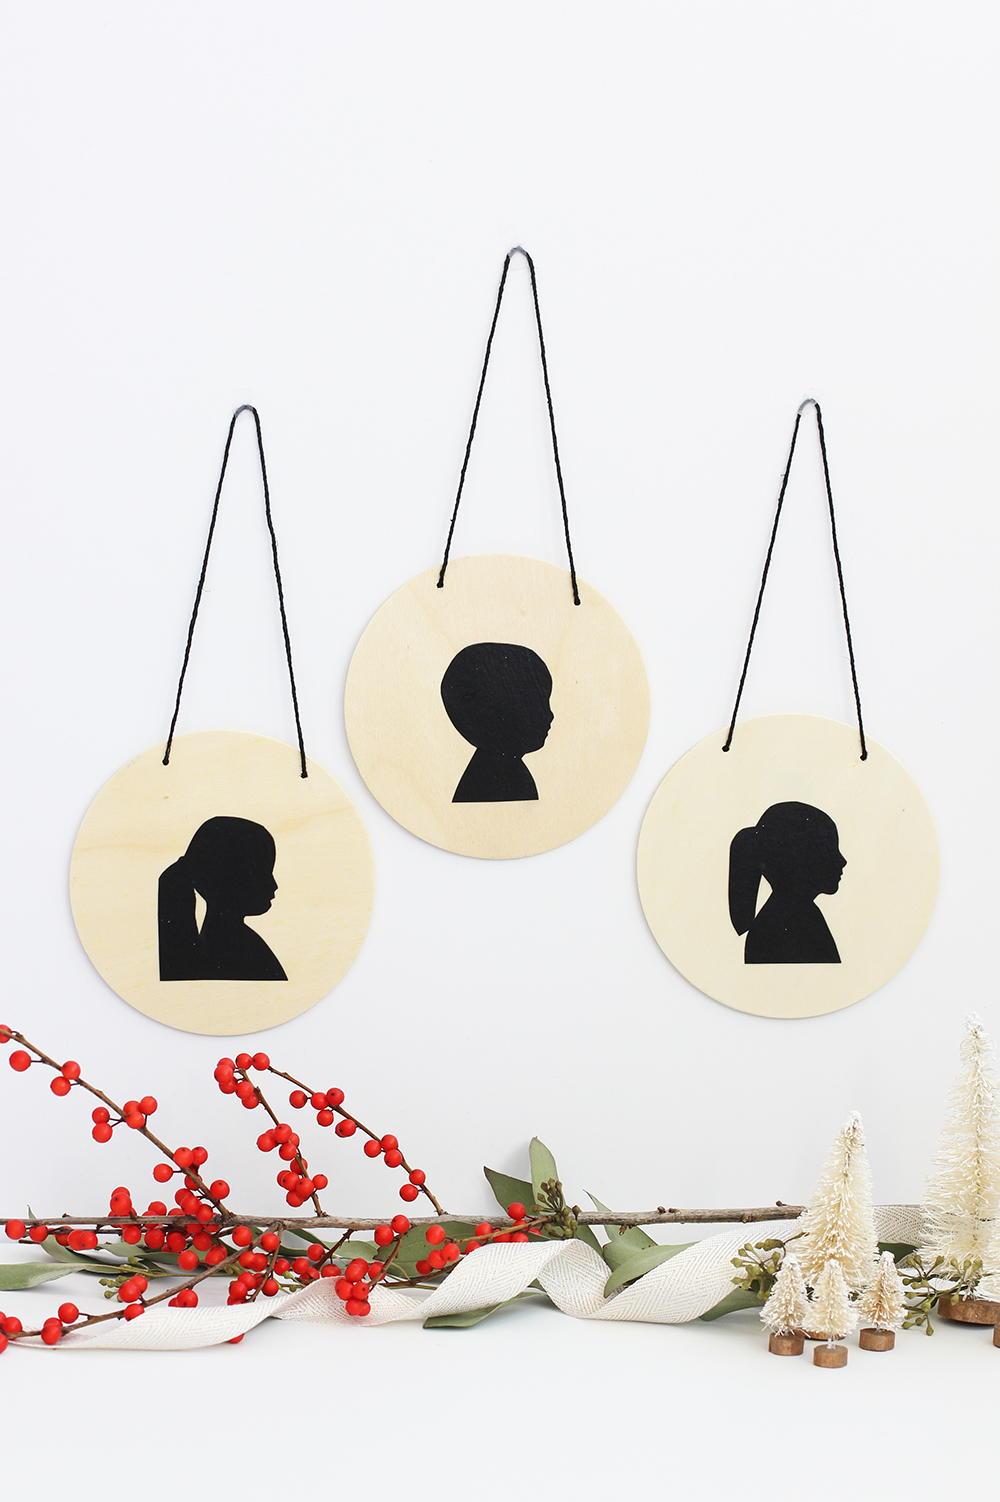 Handmade Silhouette Ornament Favecrafts Com